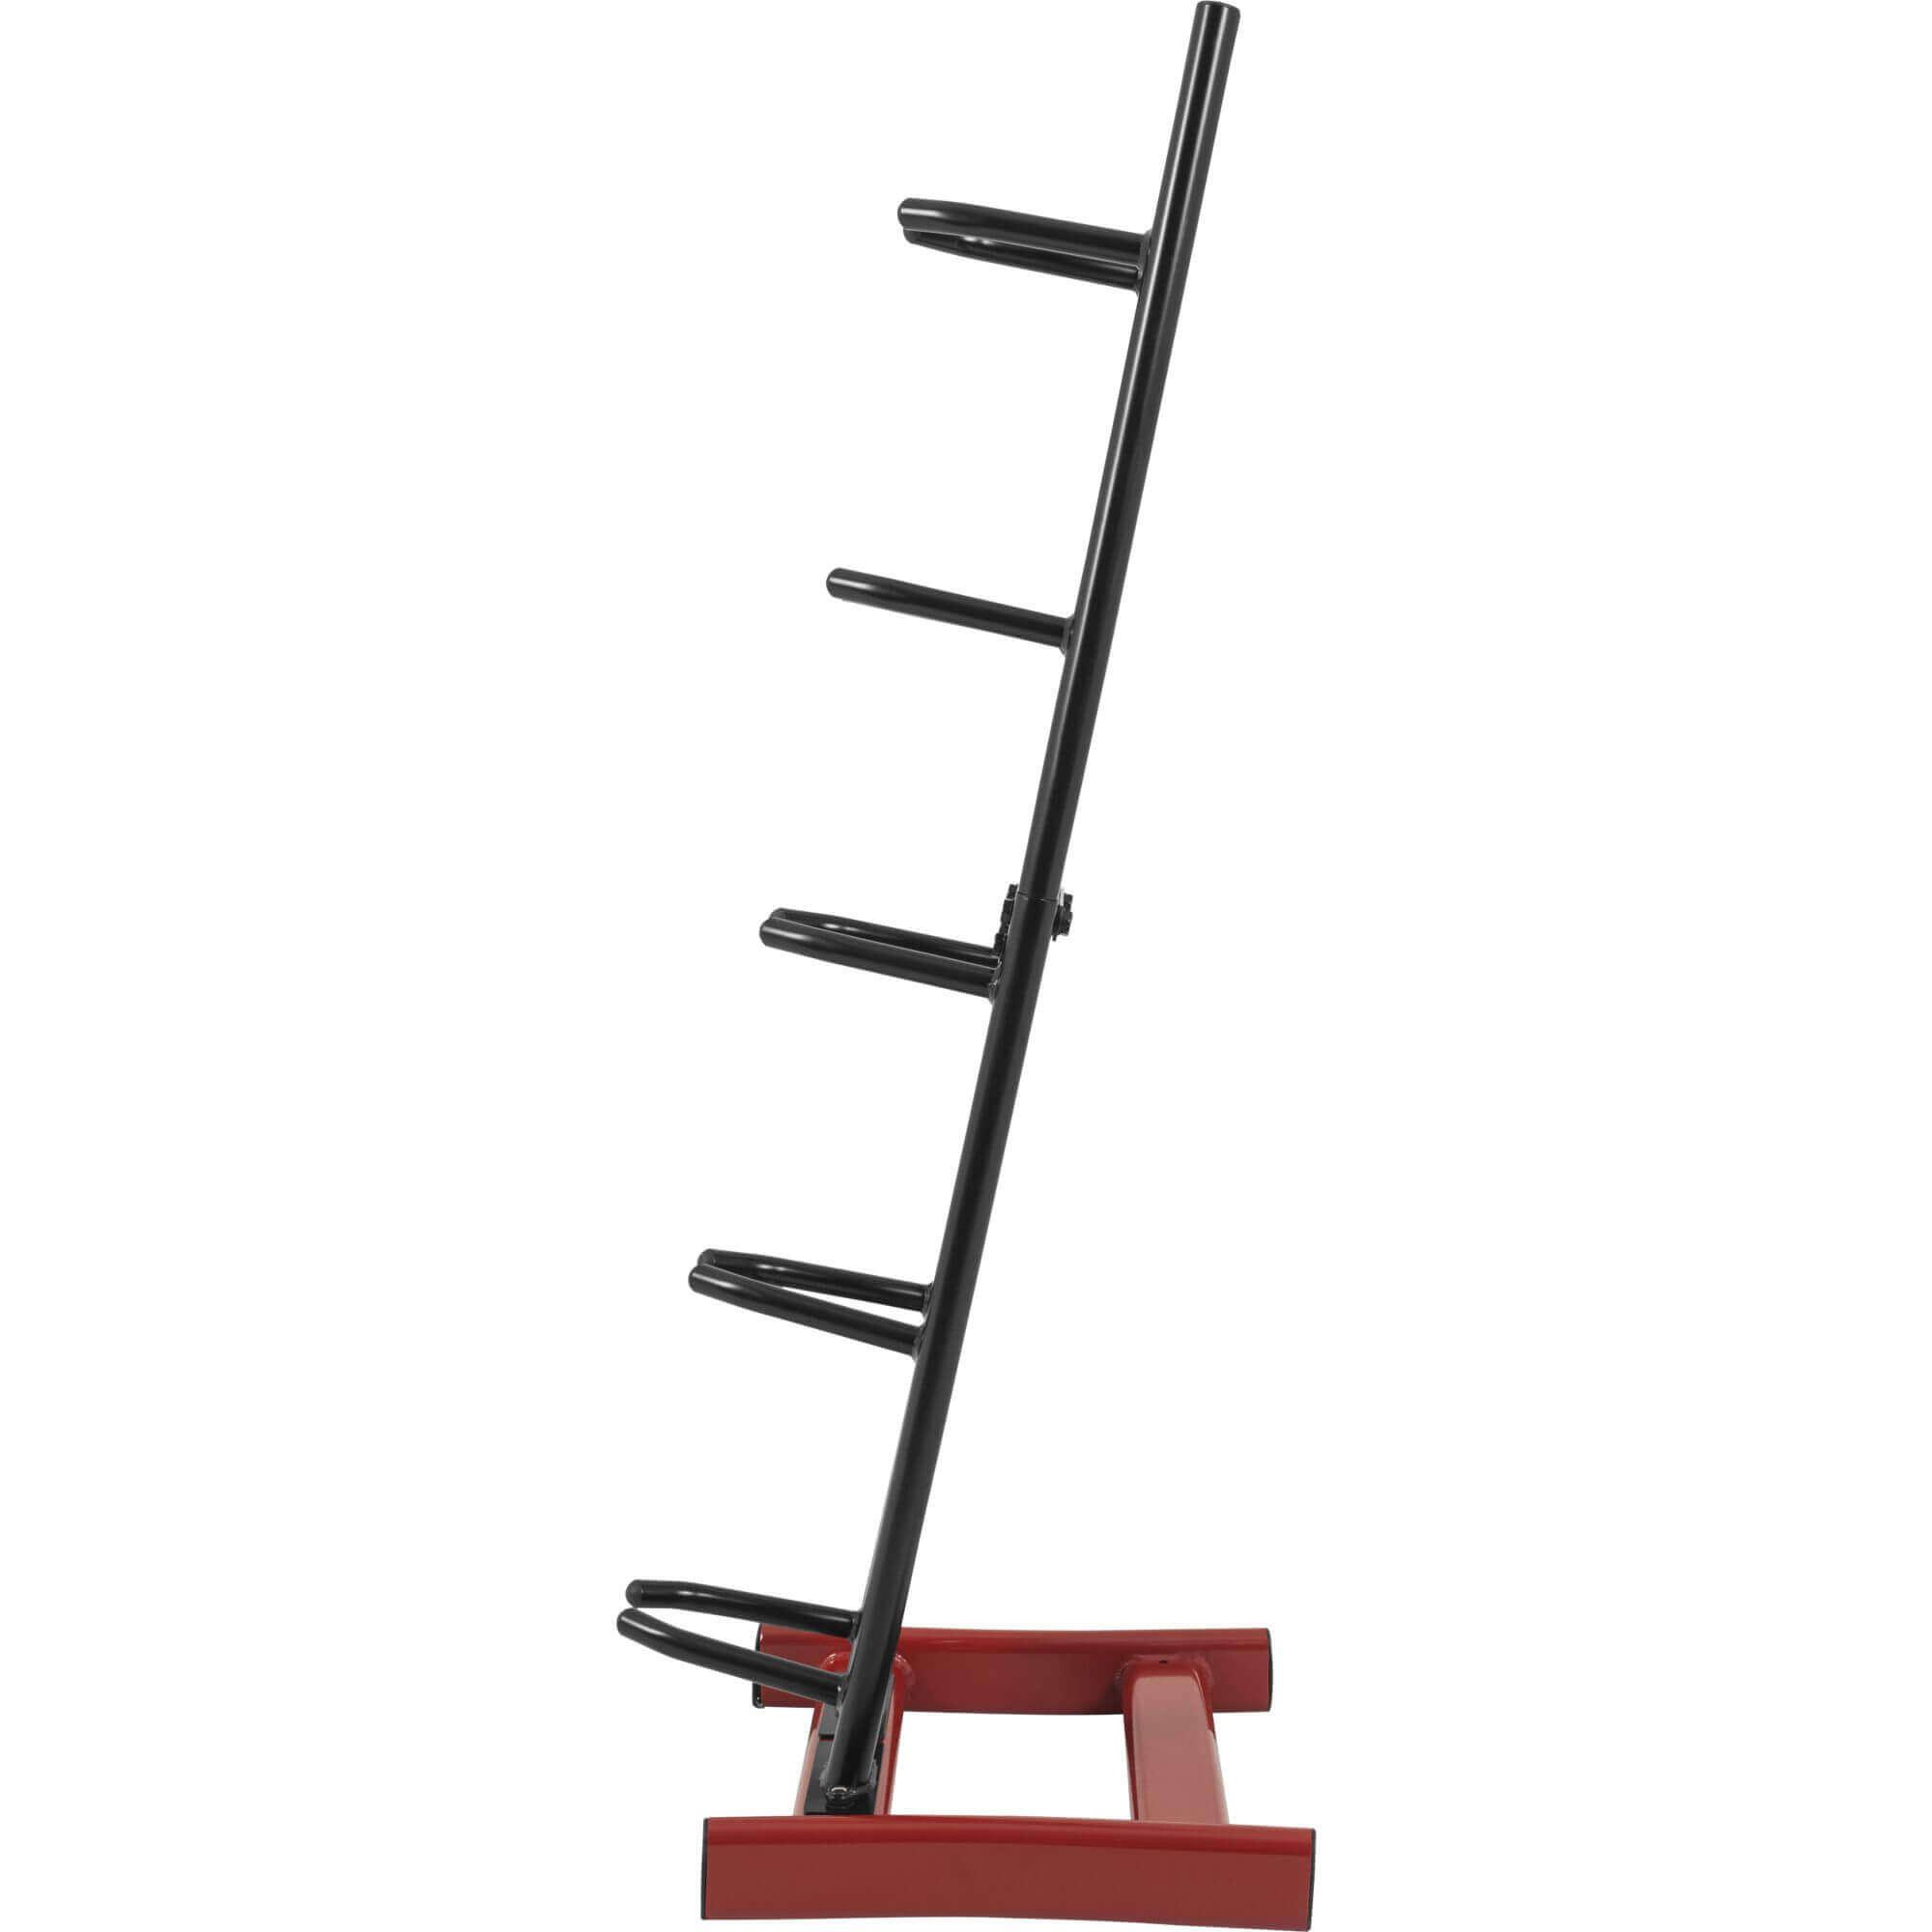 GORILLA SPORTS/® Medizinball-St/änder vertikal mit 5 Ablagen belastbar bis 100 kg in Schwarz//Rot